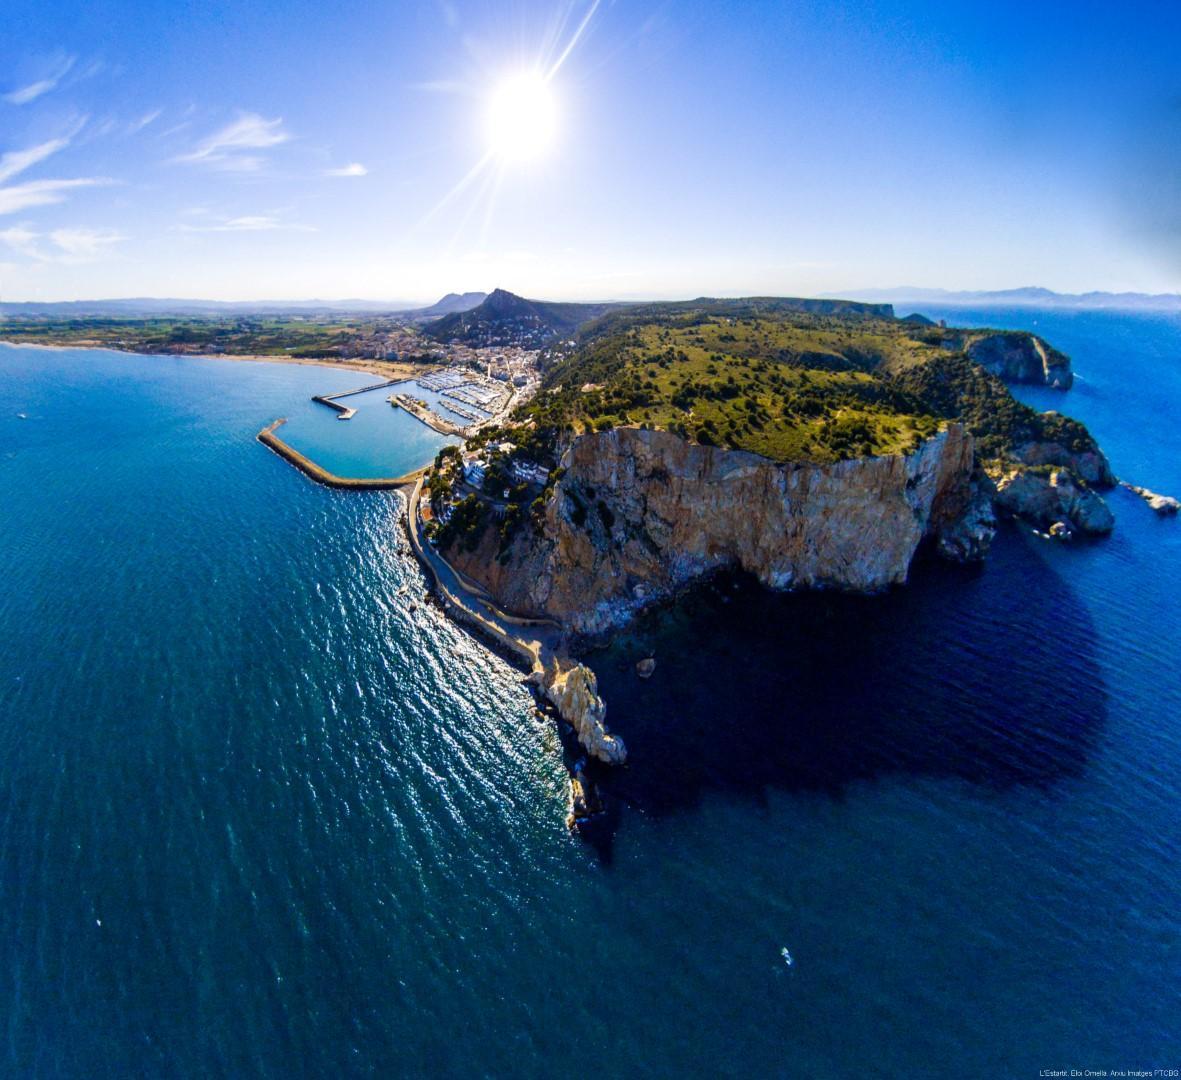 Catalunya e i borghi marinari, un fascino senza tempo